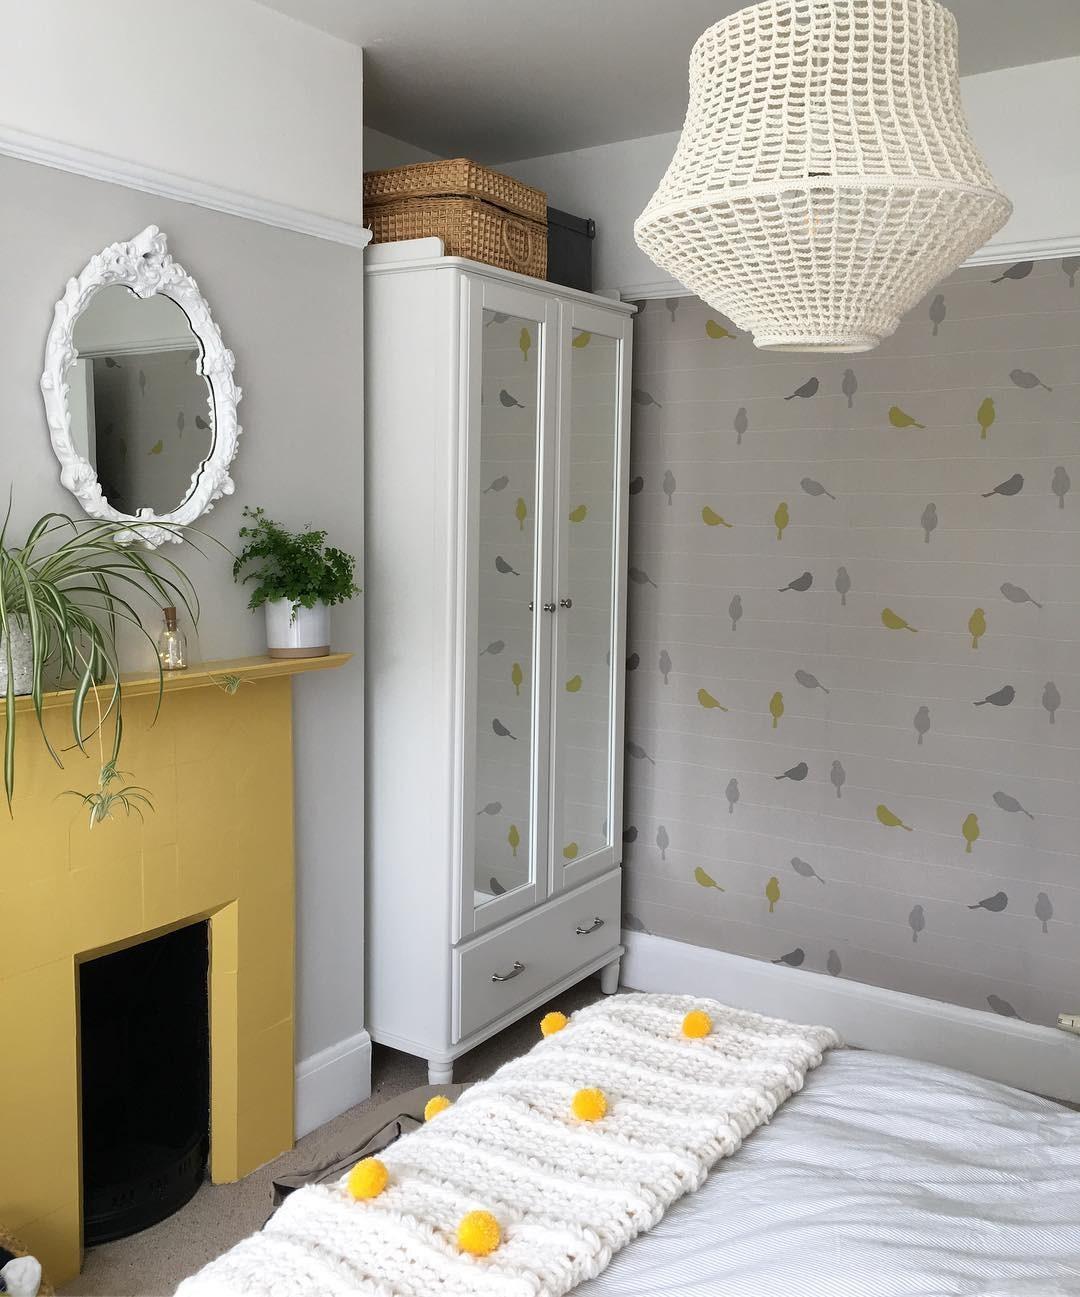 بالصور غرف نوم باللون الأصفر- لمسة من الأصفر